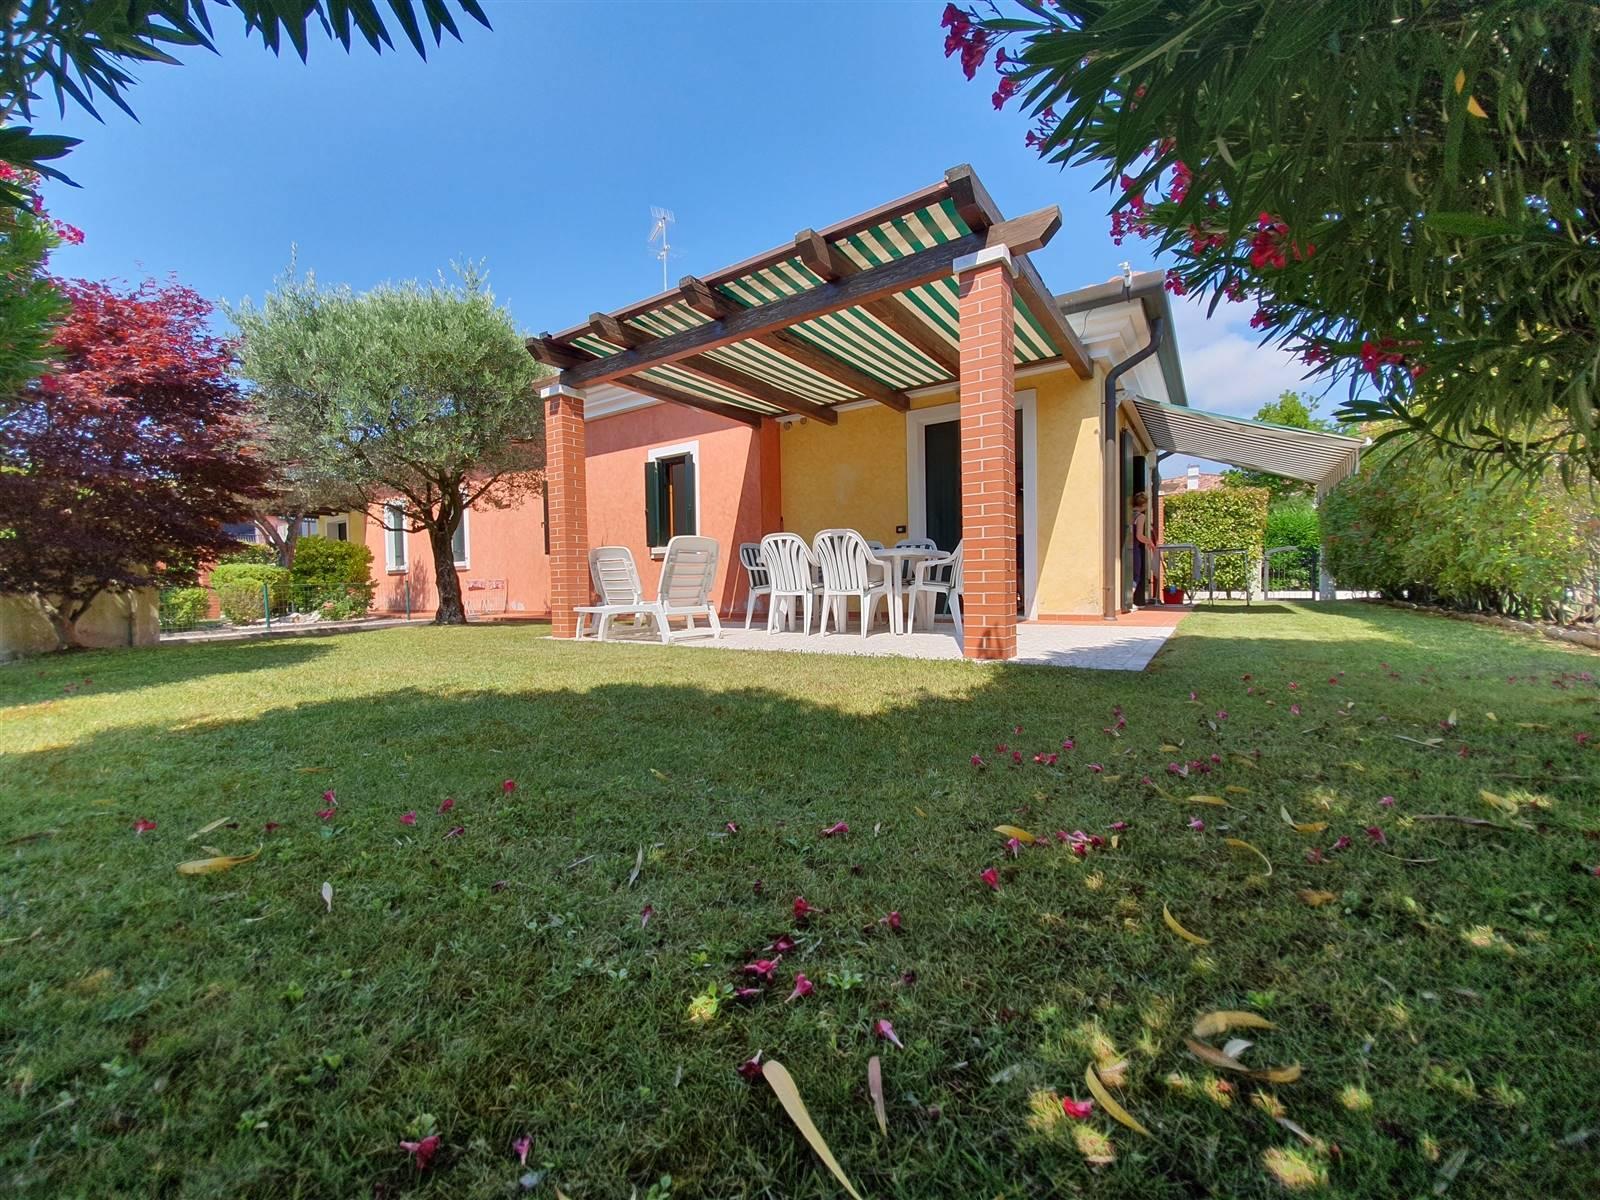 CAVALLINO TREPORTI, Villa bifamiliare in vendita di 120 Mq, Ottime condizioni, Riscaldamento Autonomo, Classe energetica: C, Epi: 0 kwh/m2 anno,